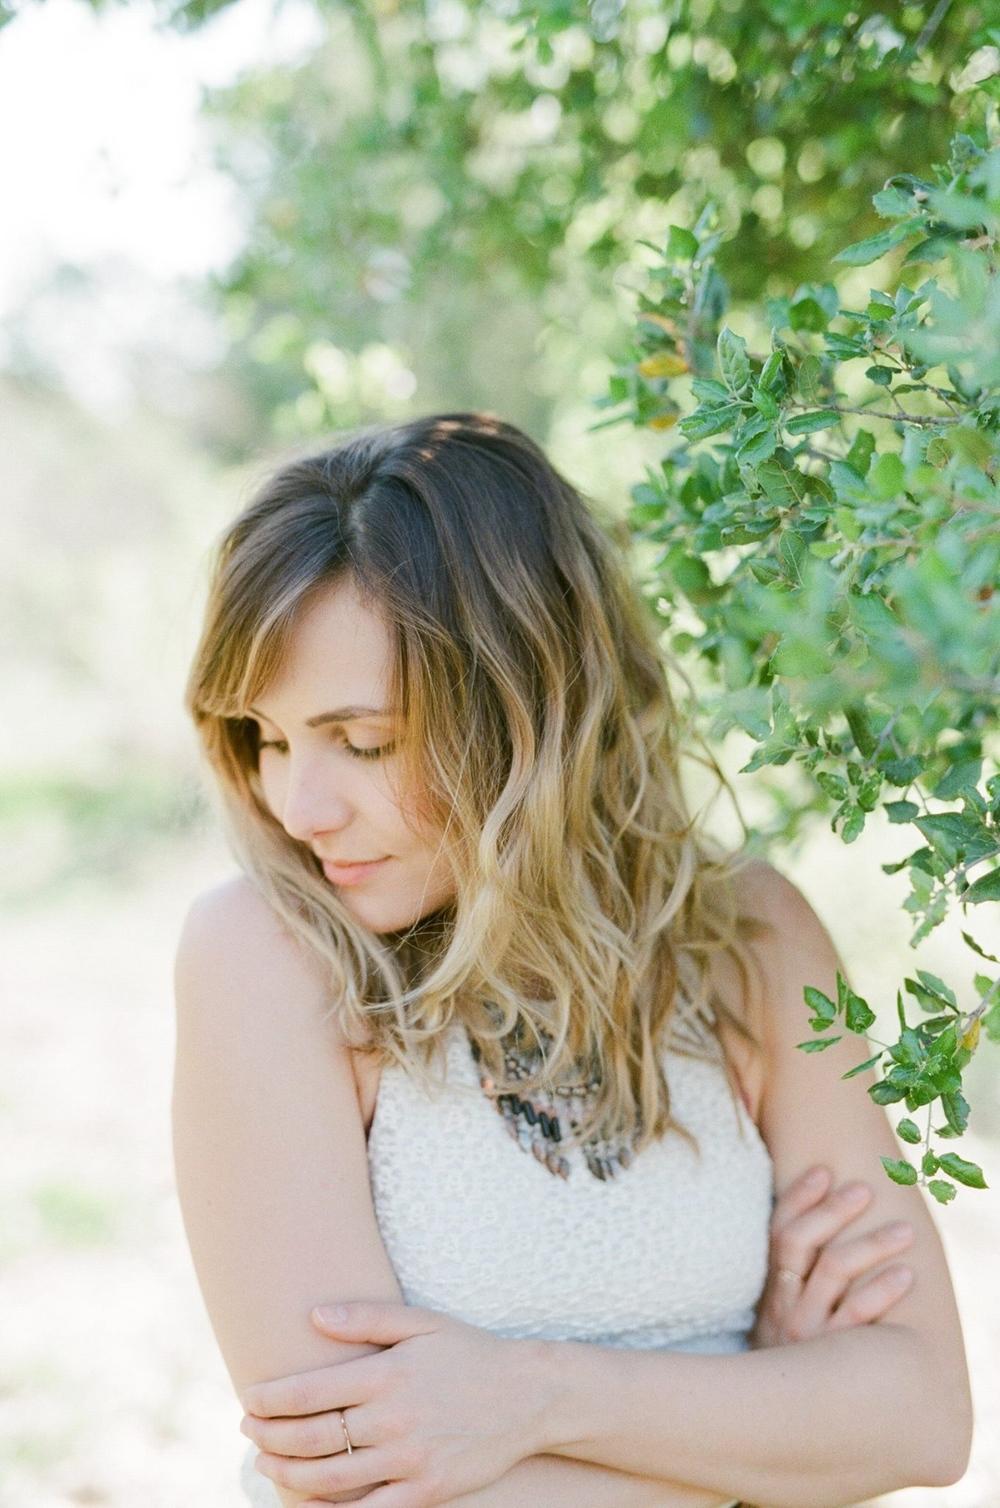 daniela hair shot.jpg